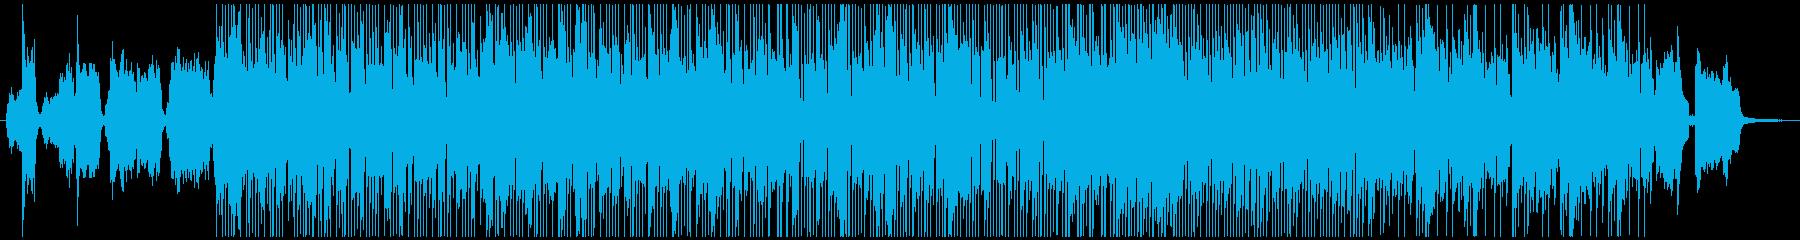 印象と黄昏 ボサノヴァとレインコート の再生済みの波形